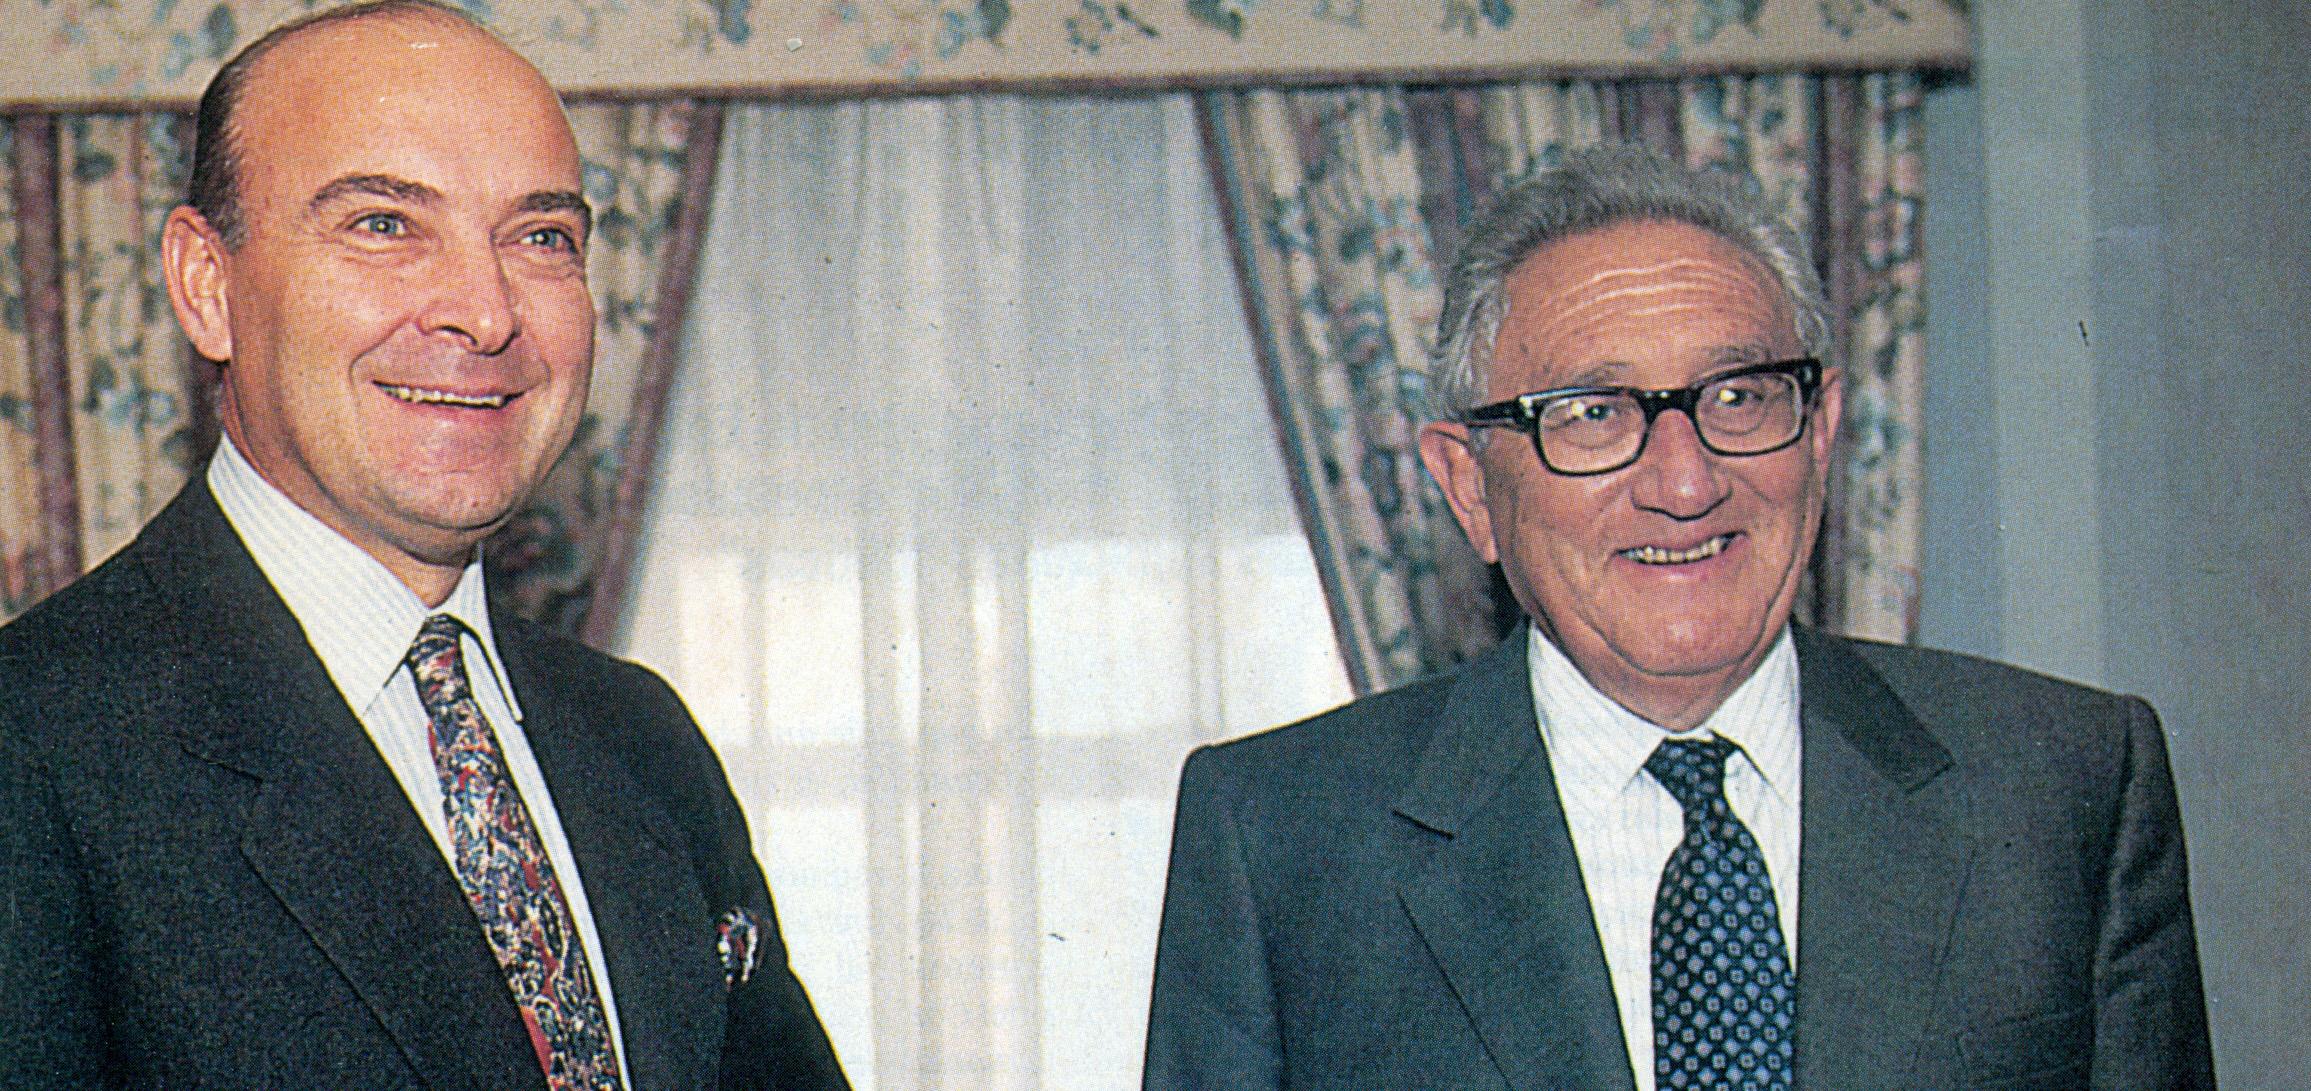 Domingo Cavallo. el ministro de Hacienda de Menem, con Henry Kissinger, feliz con el modelo económico elegido por el gobierno argentino.